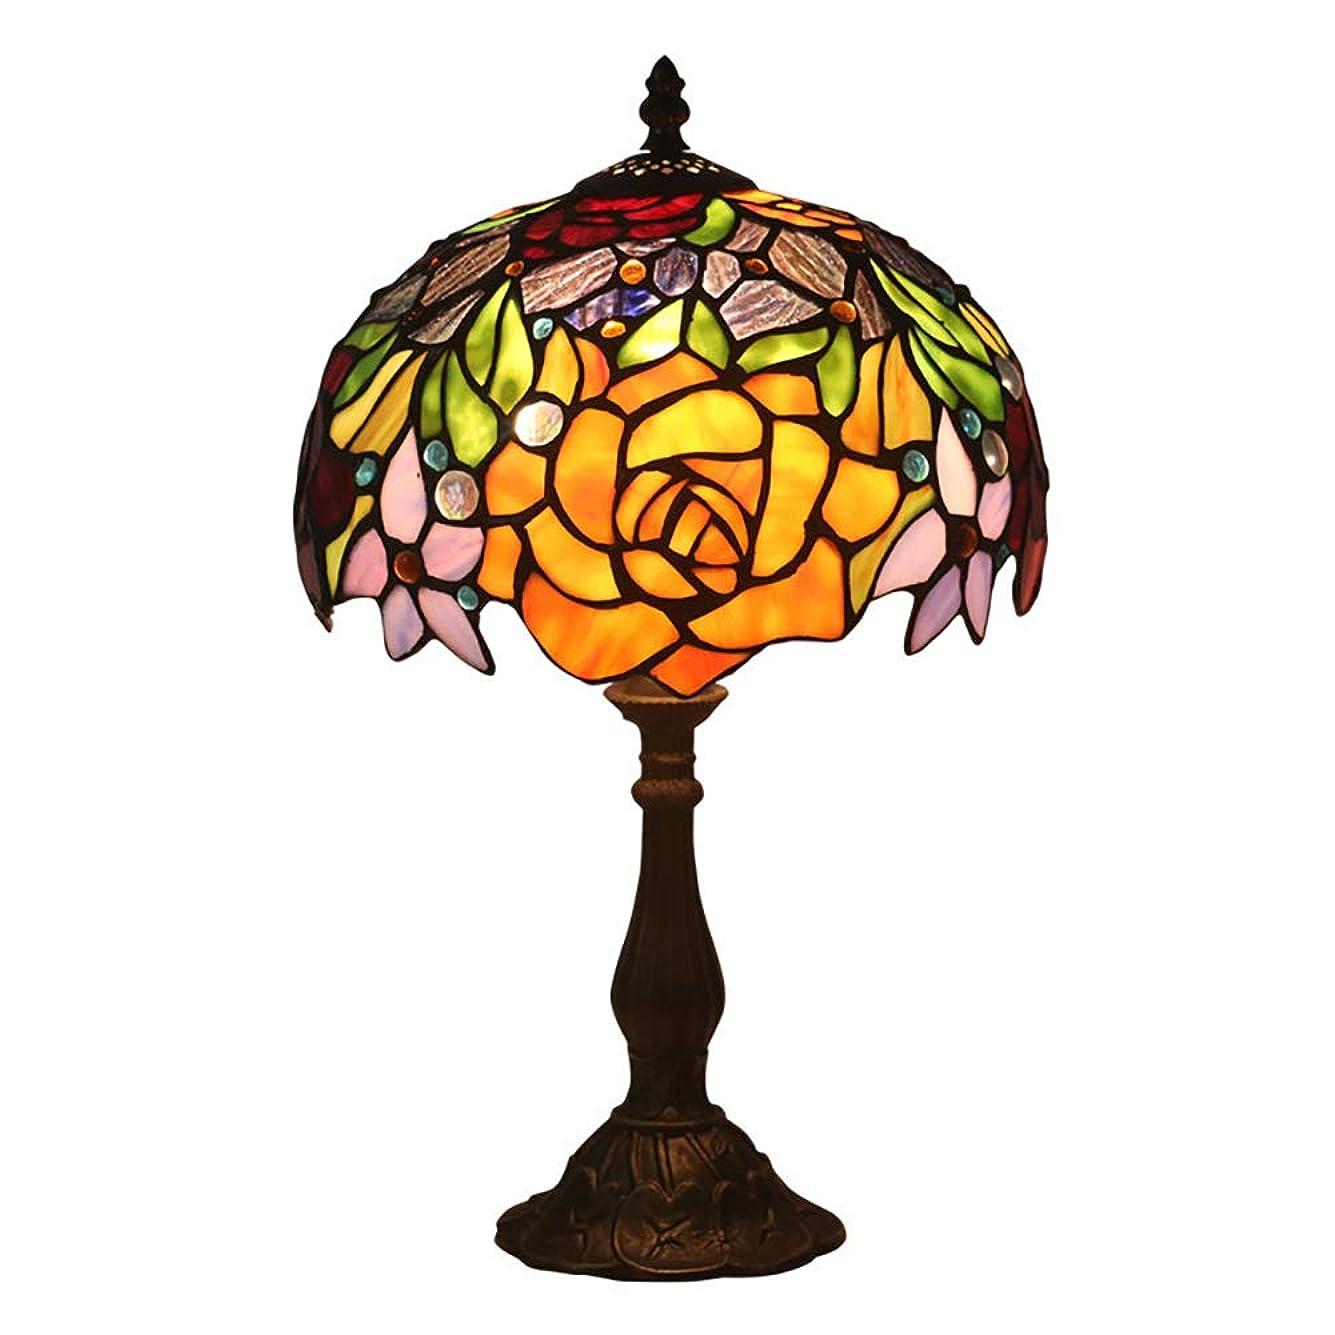 手段ロマンスわかるティファニースタイル色とりどりのガラス黄色いバラ柄シェード寝室暖かいロマンチックなテーブルランプ用リビングルームベッドルームダイニングルームバスルーム10 ''